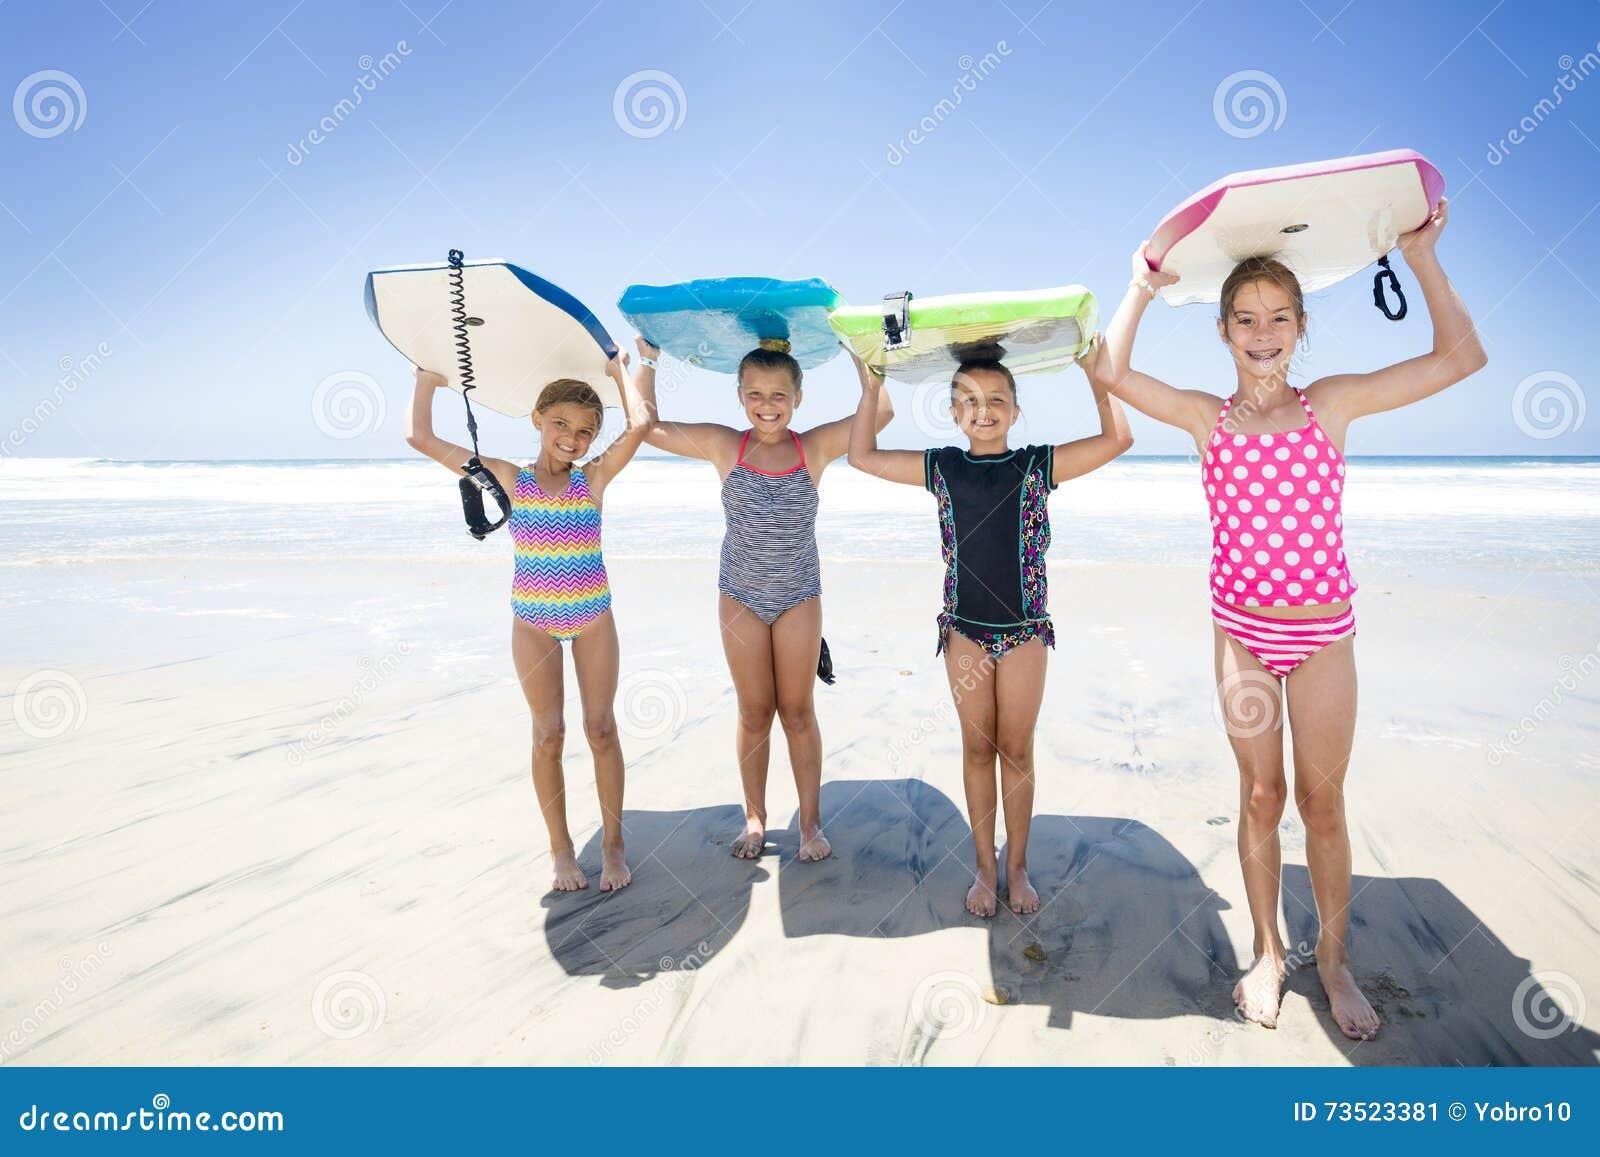 Παιδιά που παίζουν στην παραλία μαζί ενώ στις διακοπές